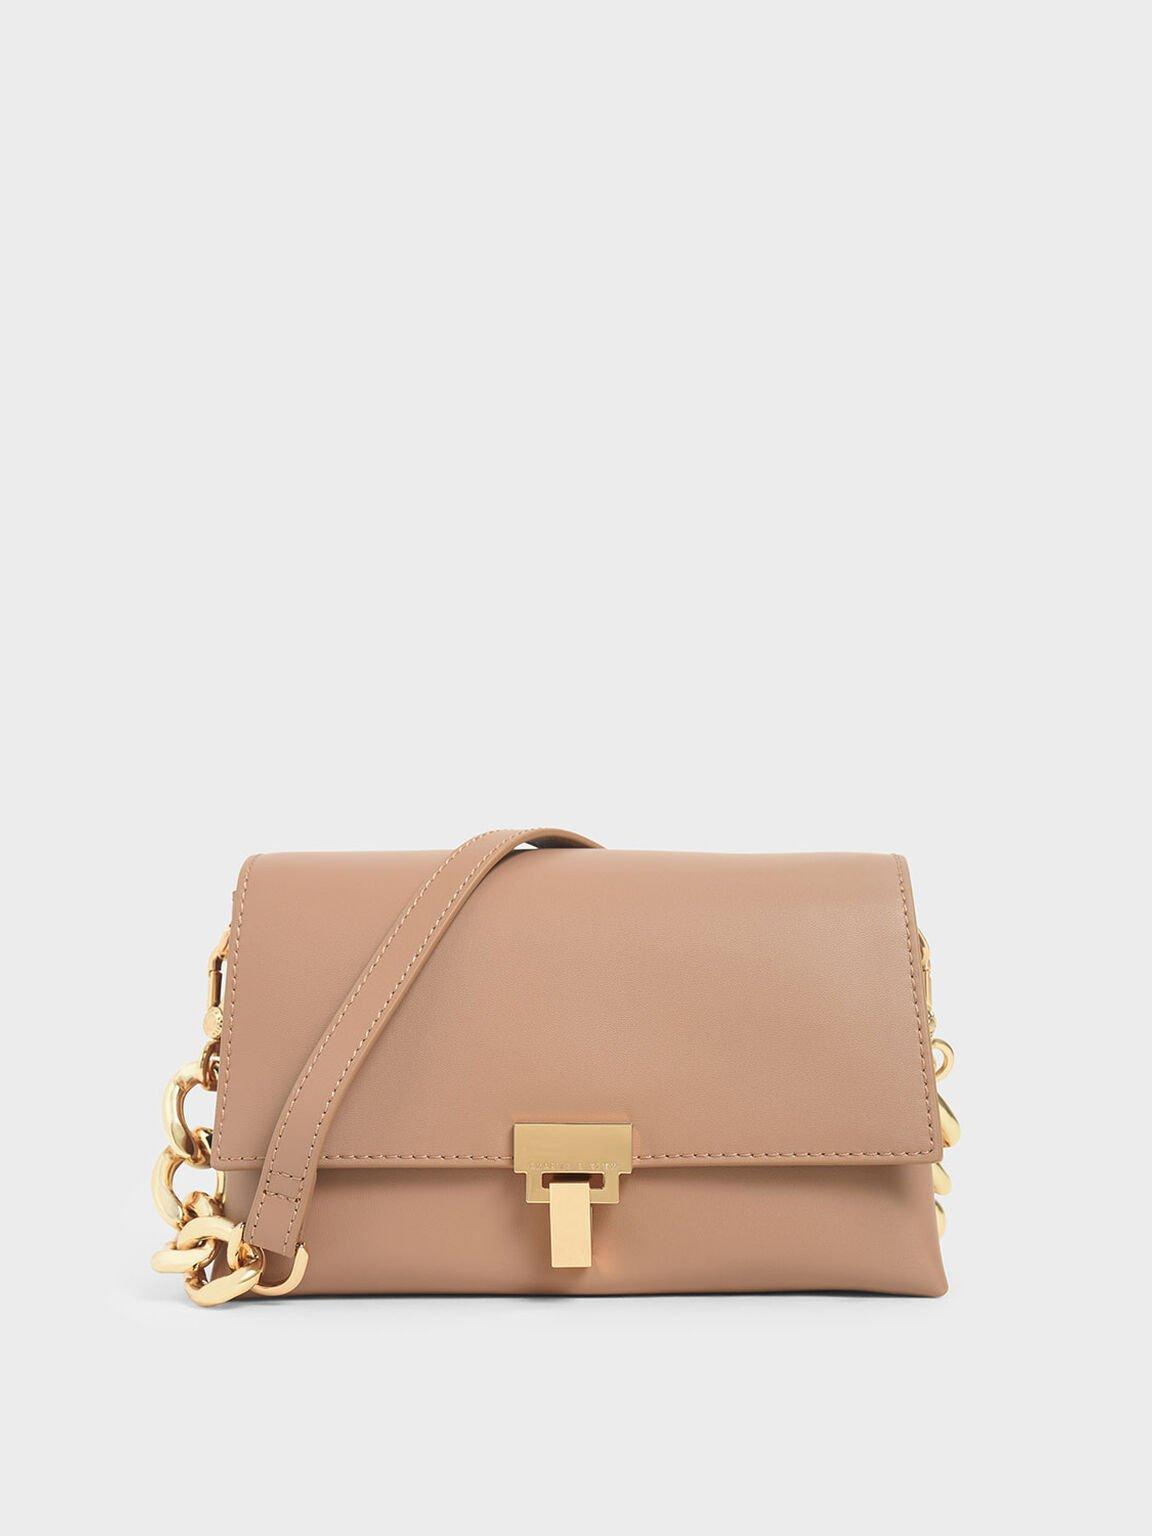 Leather Chain Strap Shoulder Bag, Nude, hi-res